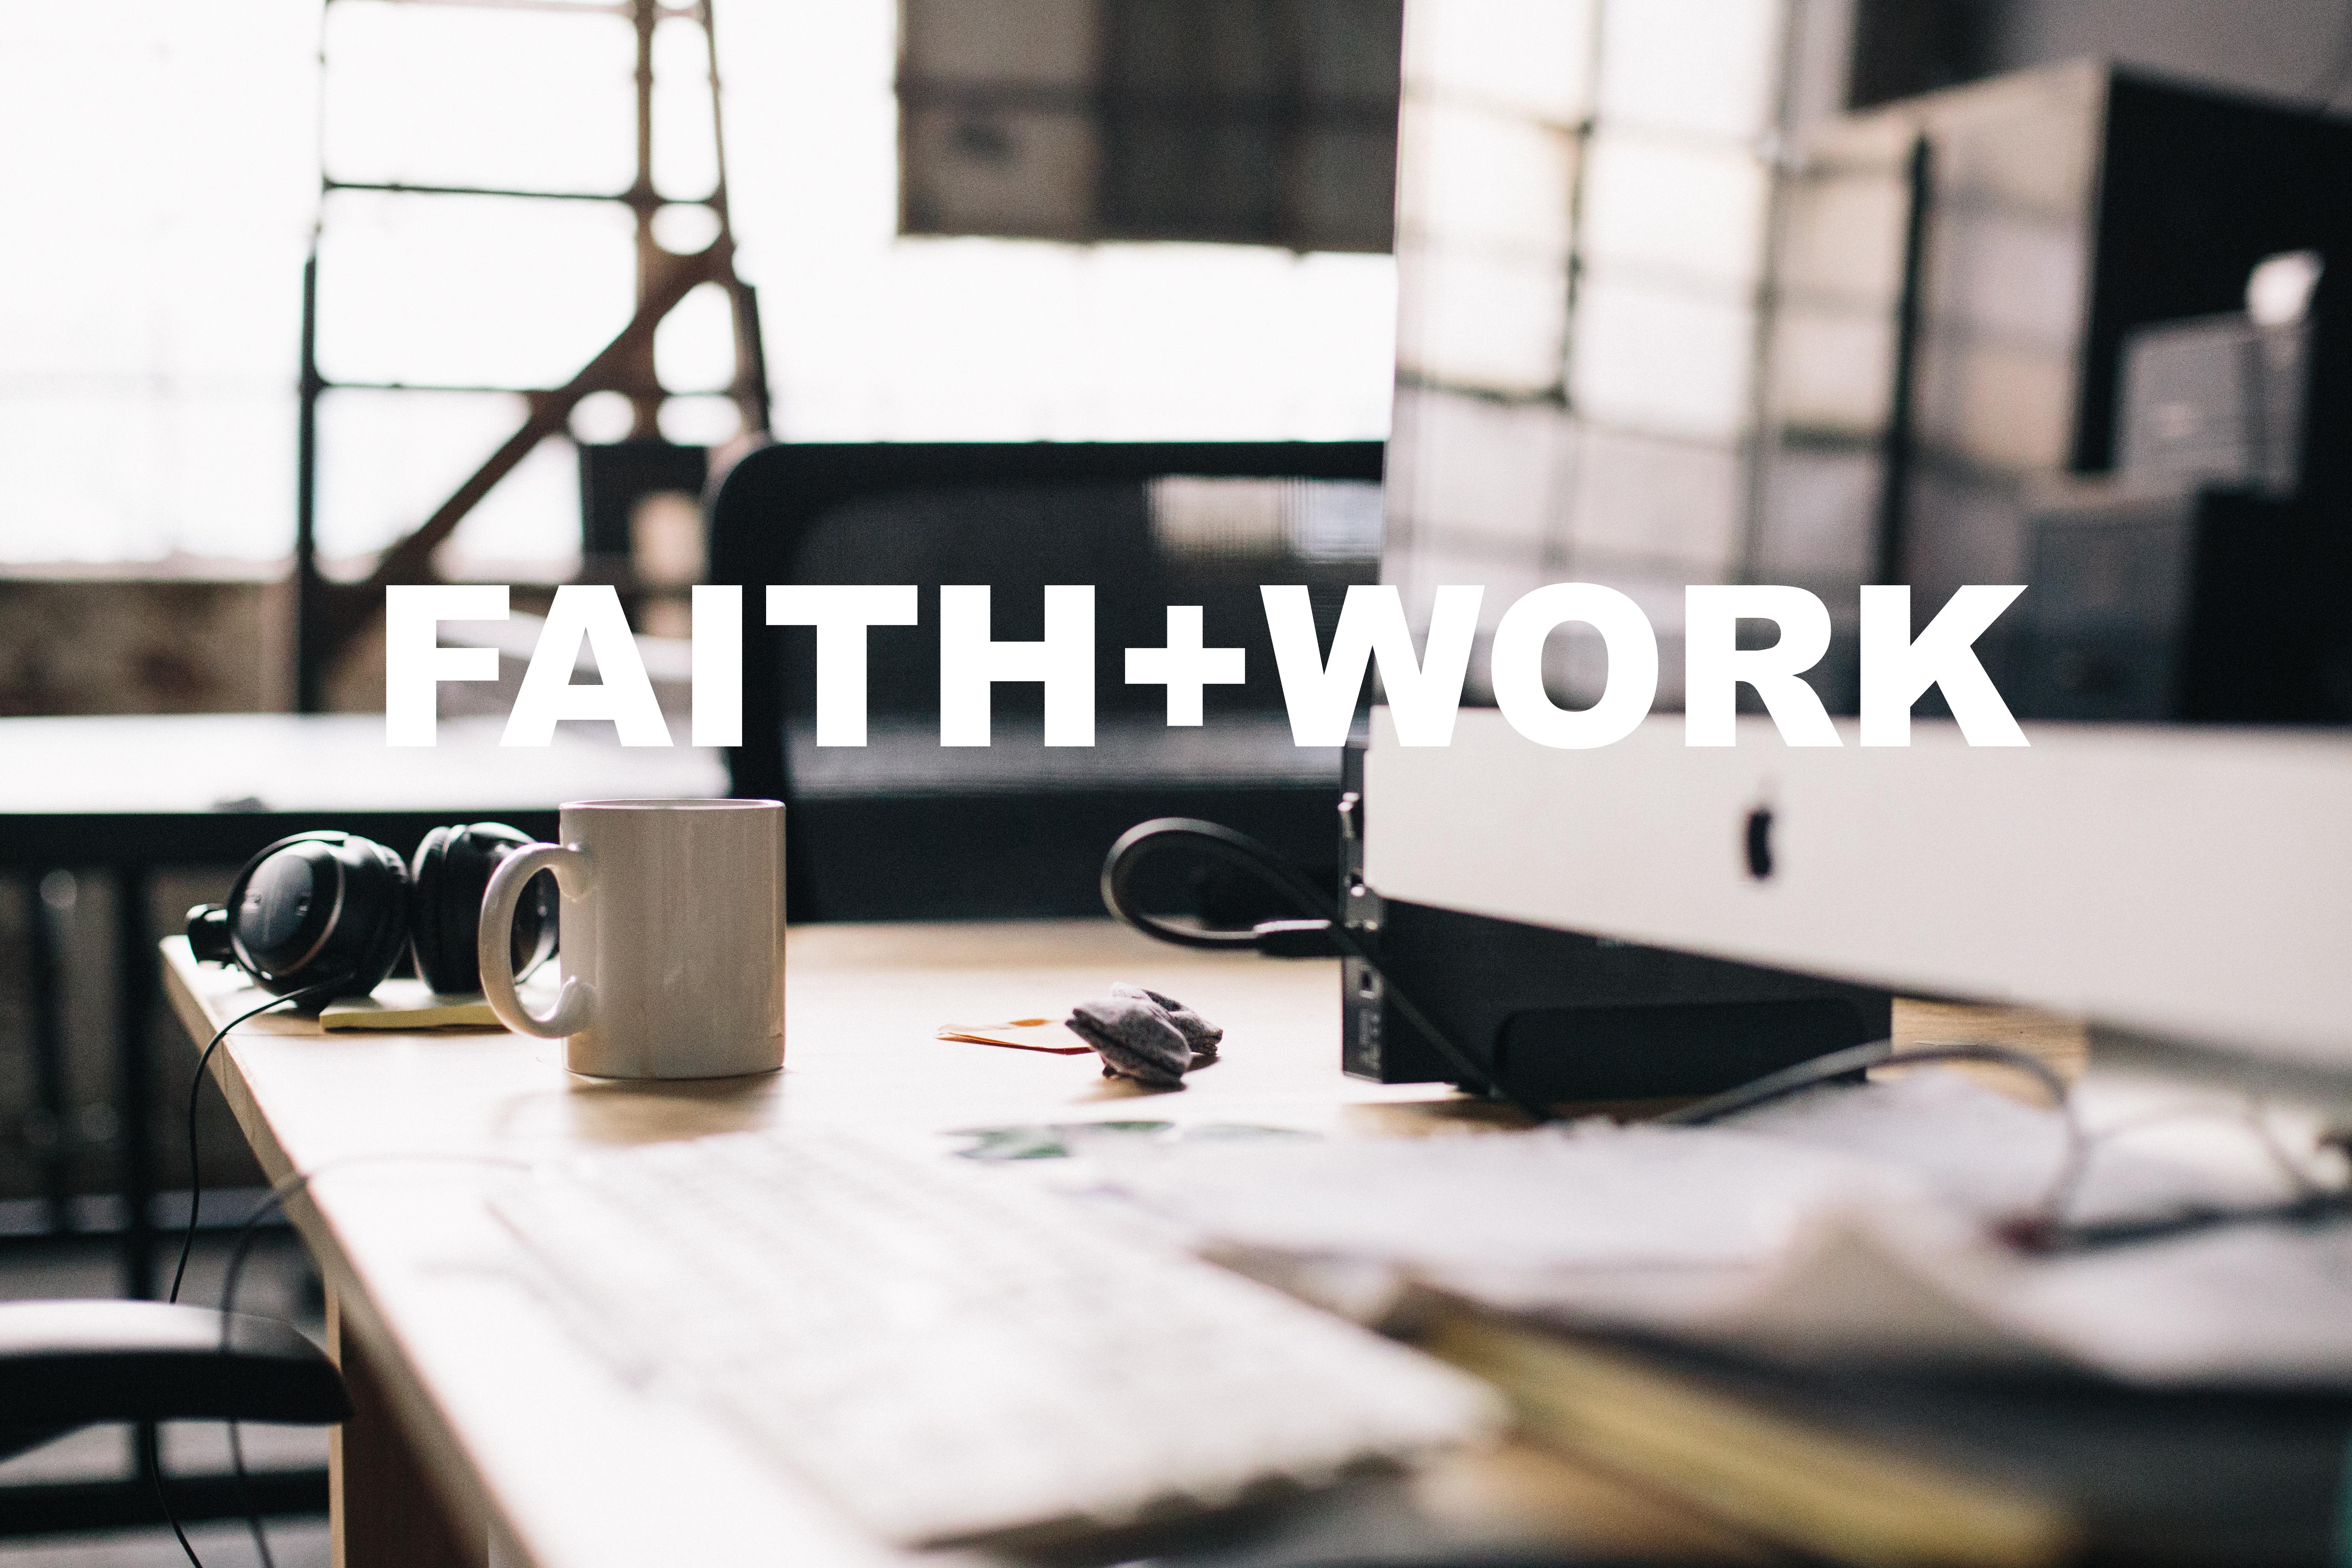 Faith work